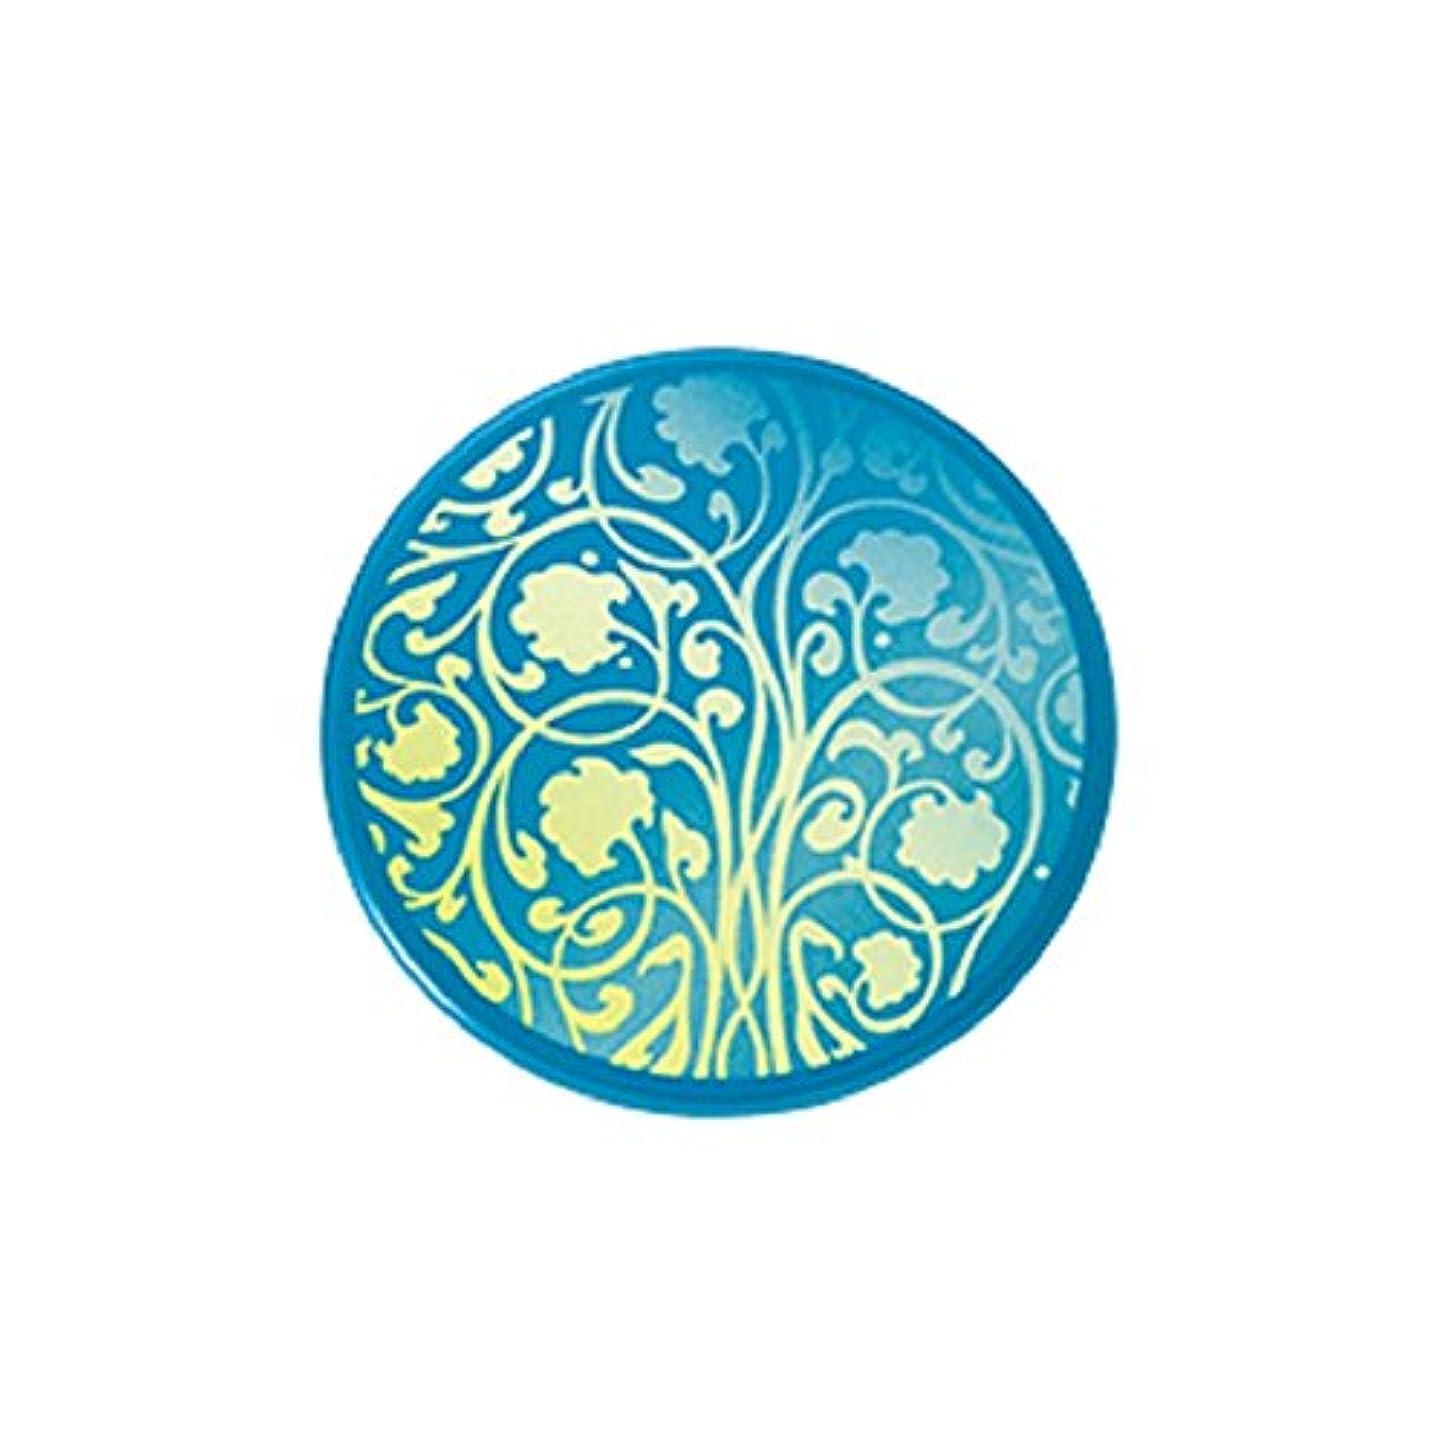 故意に進化一緒アユーラ (AYURA) ウェルフィット アロマバーム 14g 〈ソリッドパヒューム〉 心地よい森林の香気